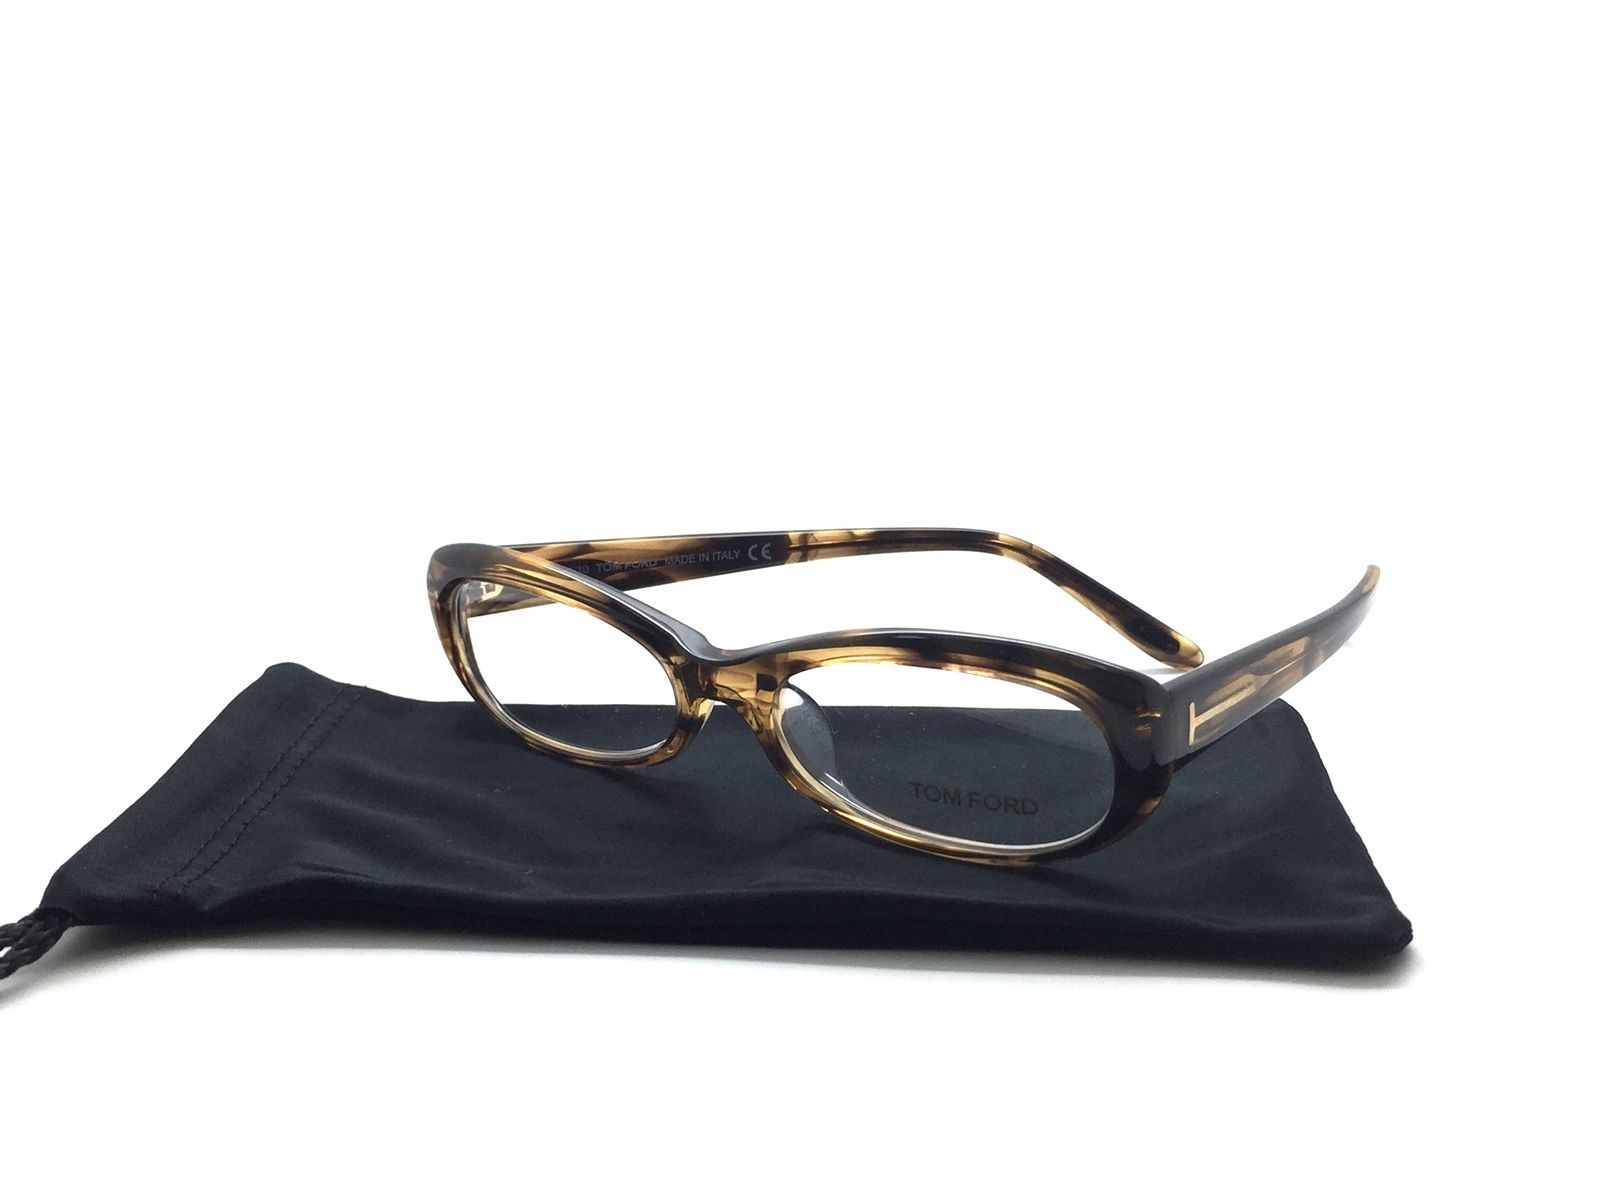 3c15945d4eb TOM FORD Ladies narrow eyeglasses Honey and 50 similar items. S l1600